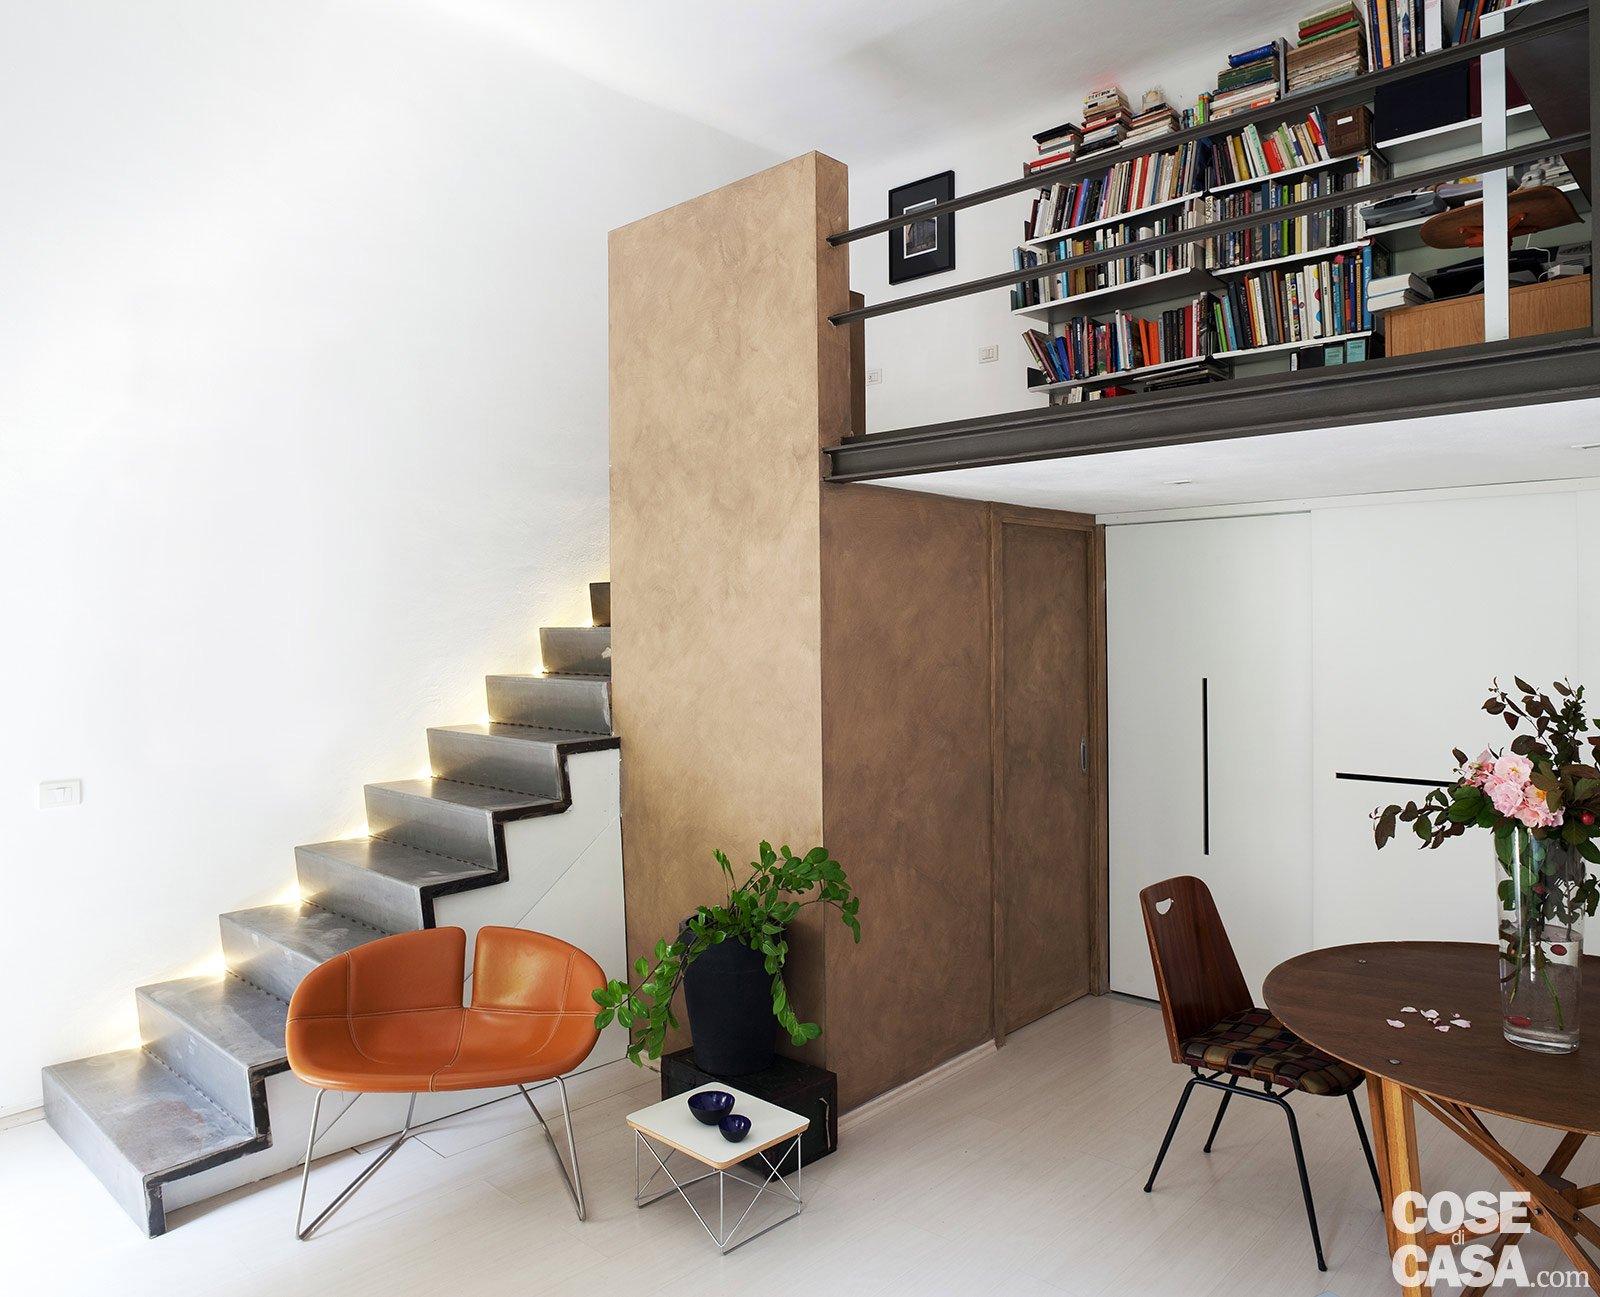 Monolocale: Una Casa Di 30 Mq Risolta Al Centimetro Cose Di Casa #9C592F 1600 1297 Come Arredare Una Cucina Soggiorno Di 40 Mq